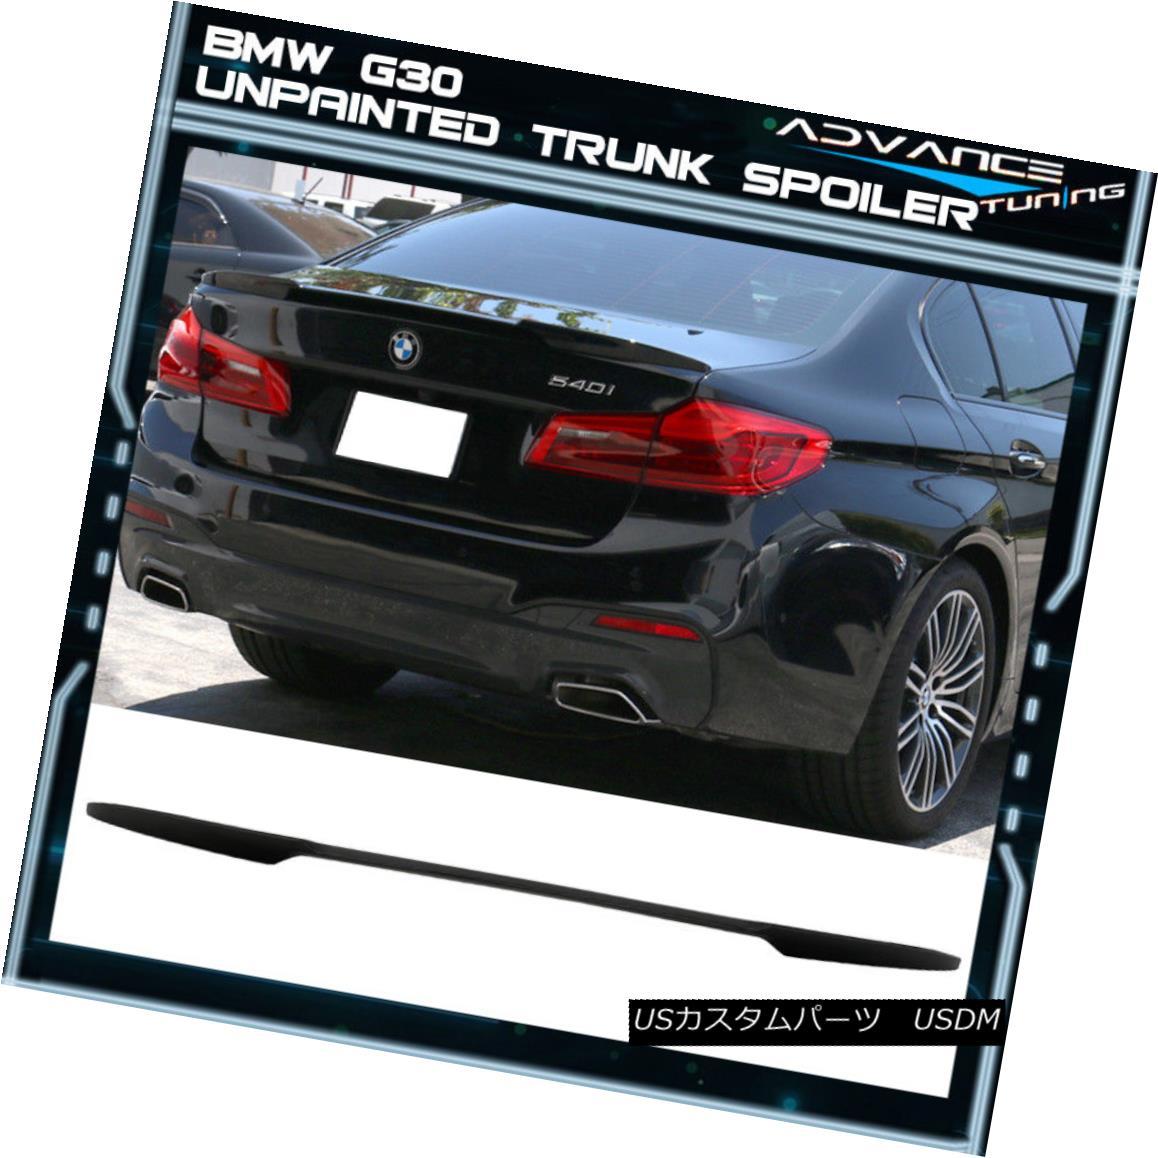 エアロパーツ 17 Up BMW 5 Series G30 Sedan 4Dr M4 V Style Trunk Spoiler Wing - Unpainted ABS 17アップBMW 5シリーズG30セダン4Dr M4 Vスタイルトランクスポイラーウイング - 未塗装ABS